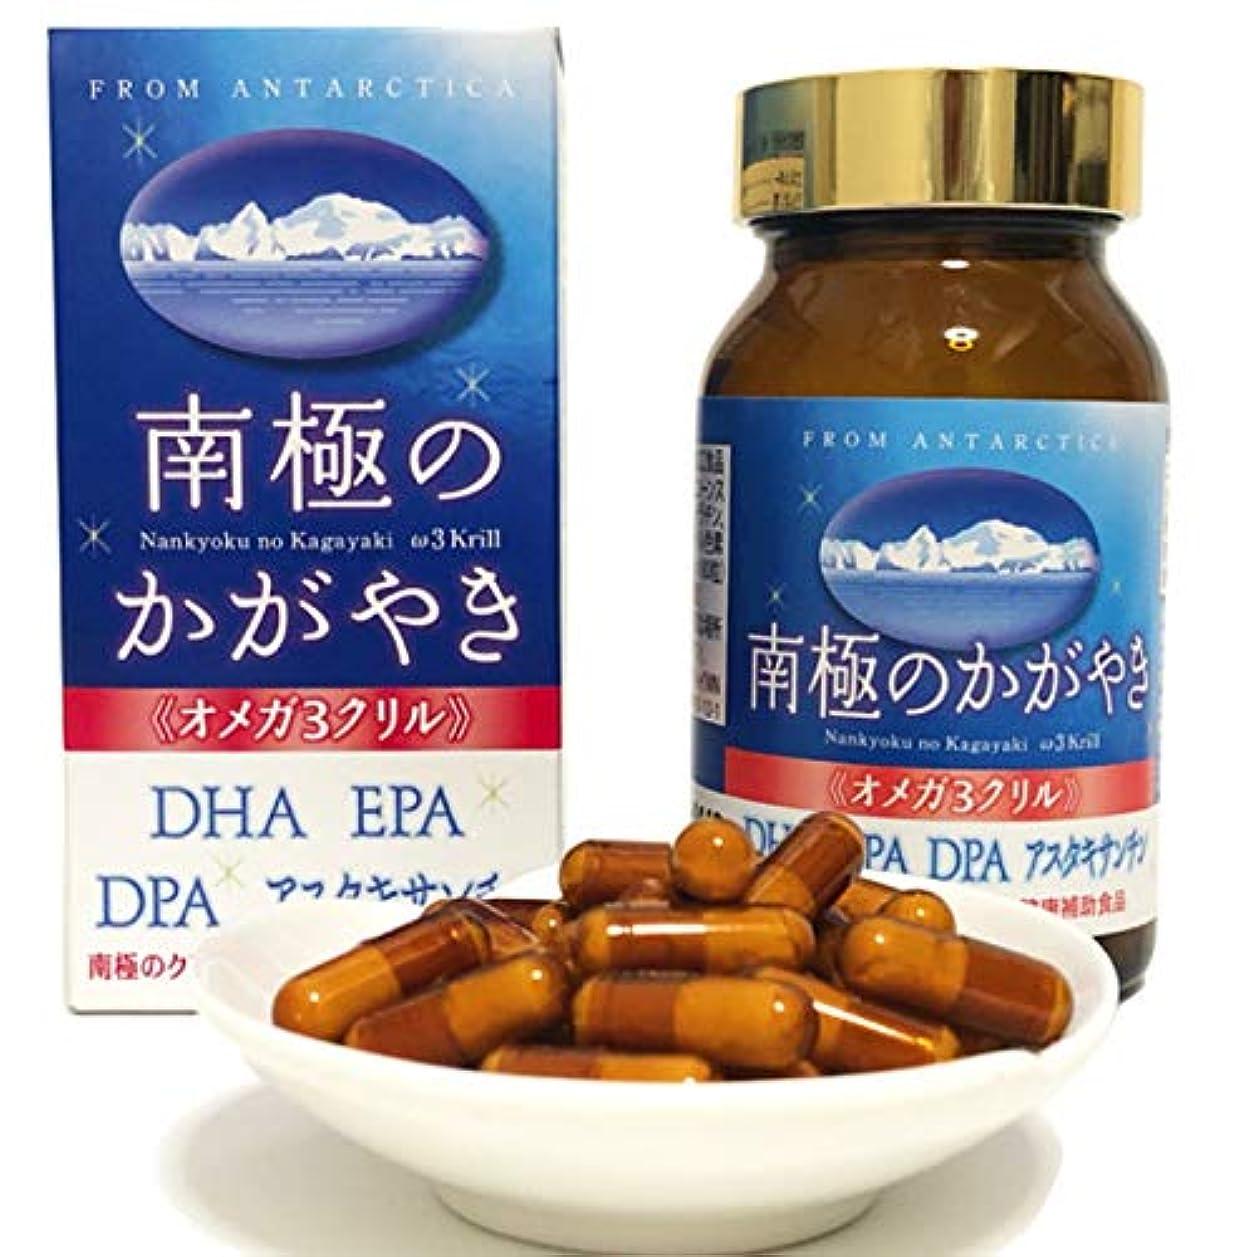 化学薬品実現可能ひばり南極のかがやき クリルオイル オメガ3 脂肪酸 サプリメント オキアミ DHA EPA DPA アスタキサンチン 80粒